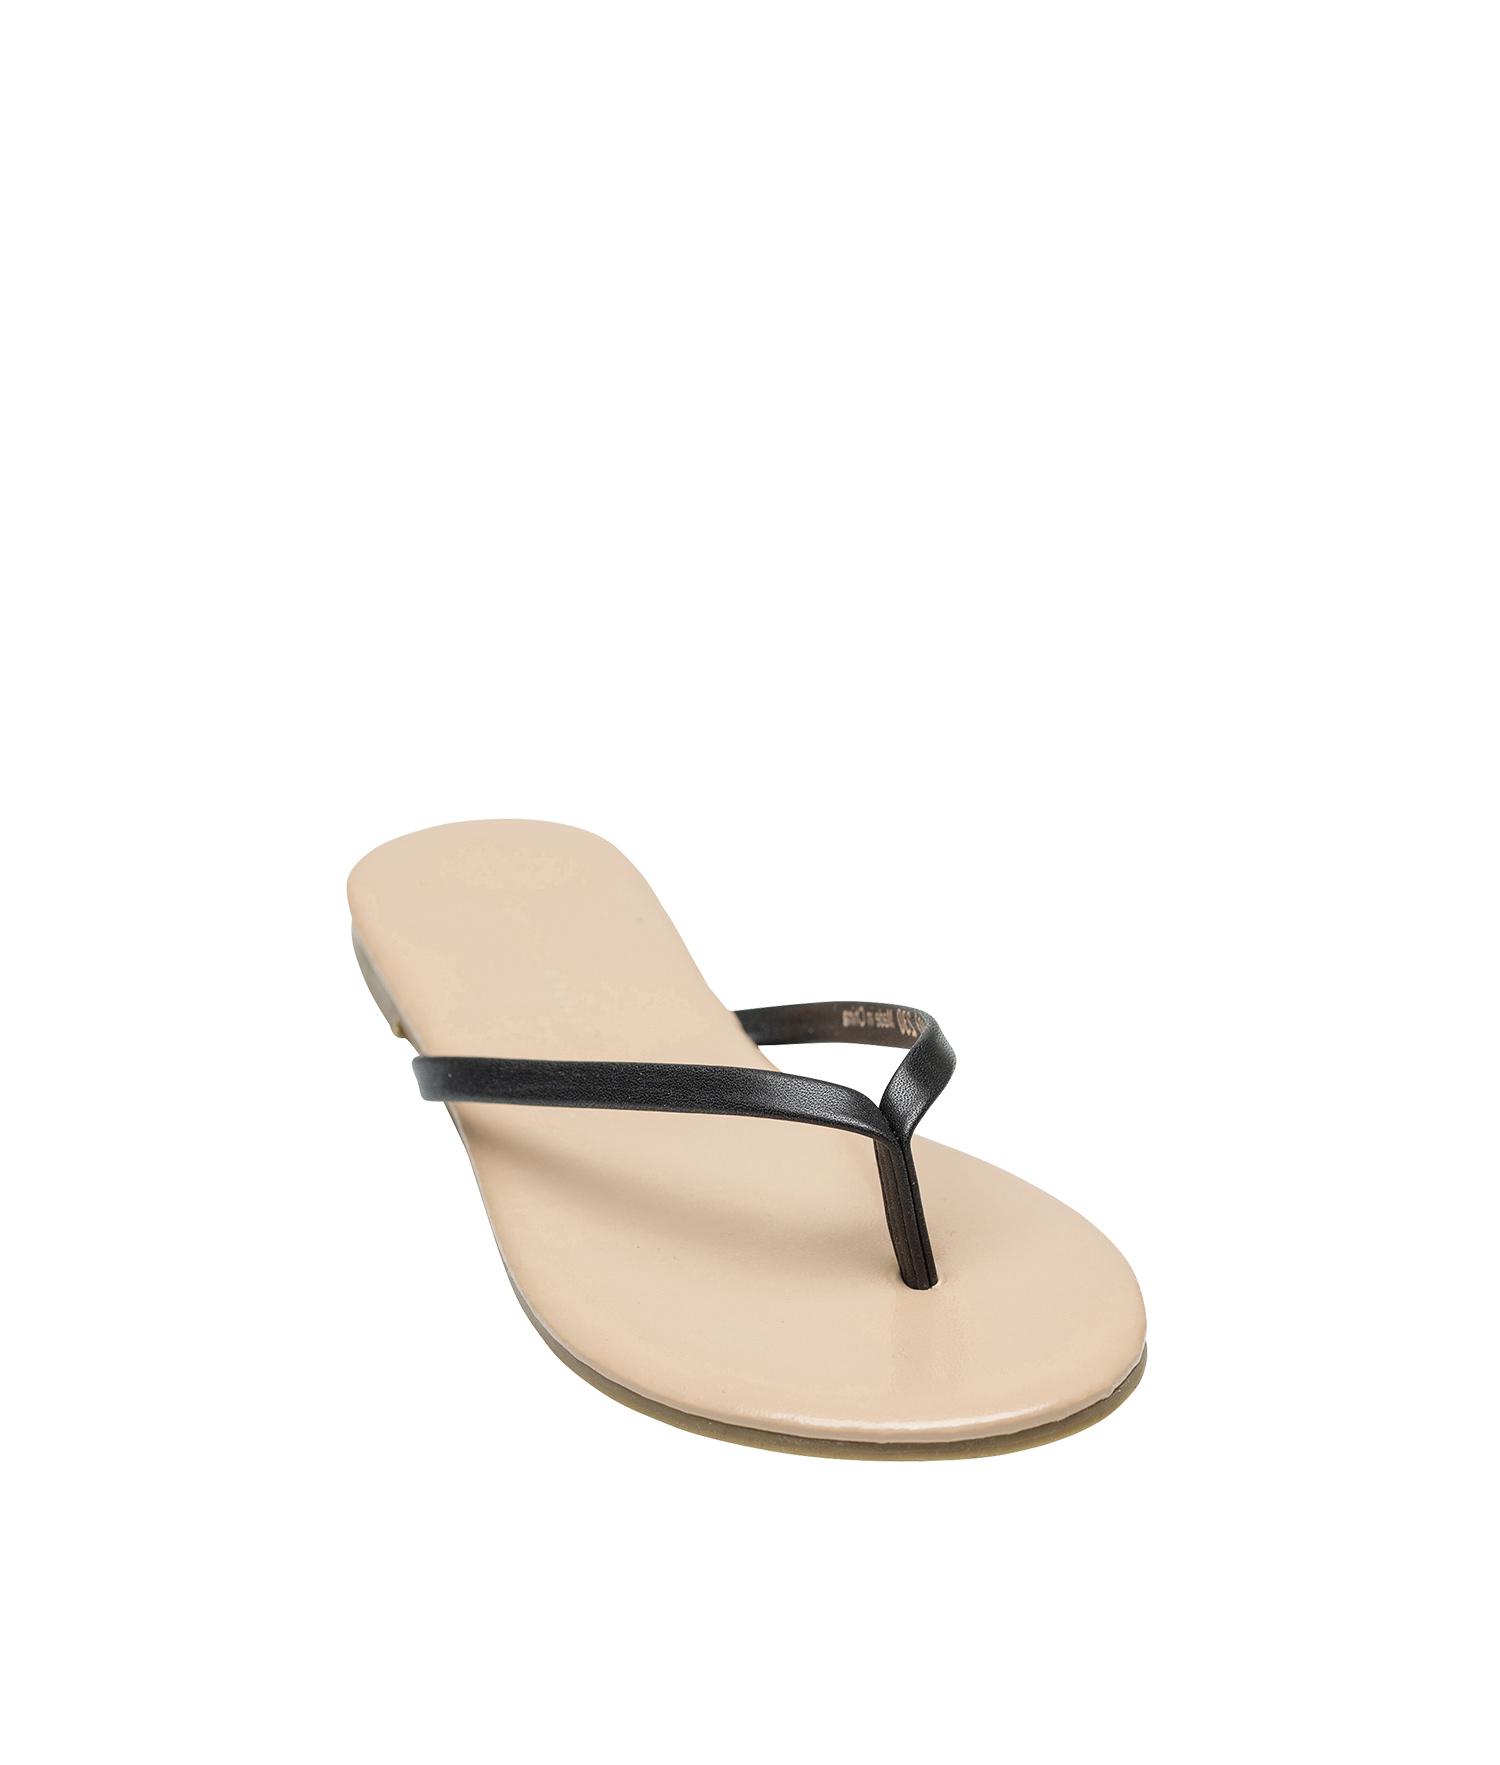 d034ec600cd7d AnnaKastle Womens Dorie Simple Flip Flop Shoes Black